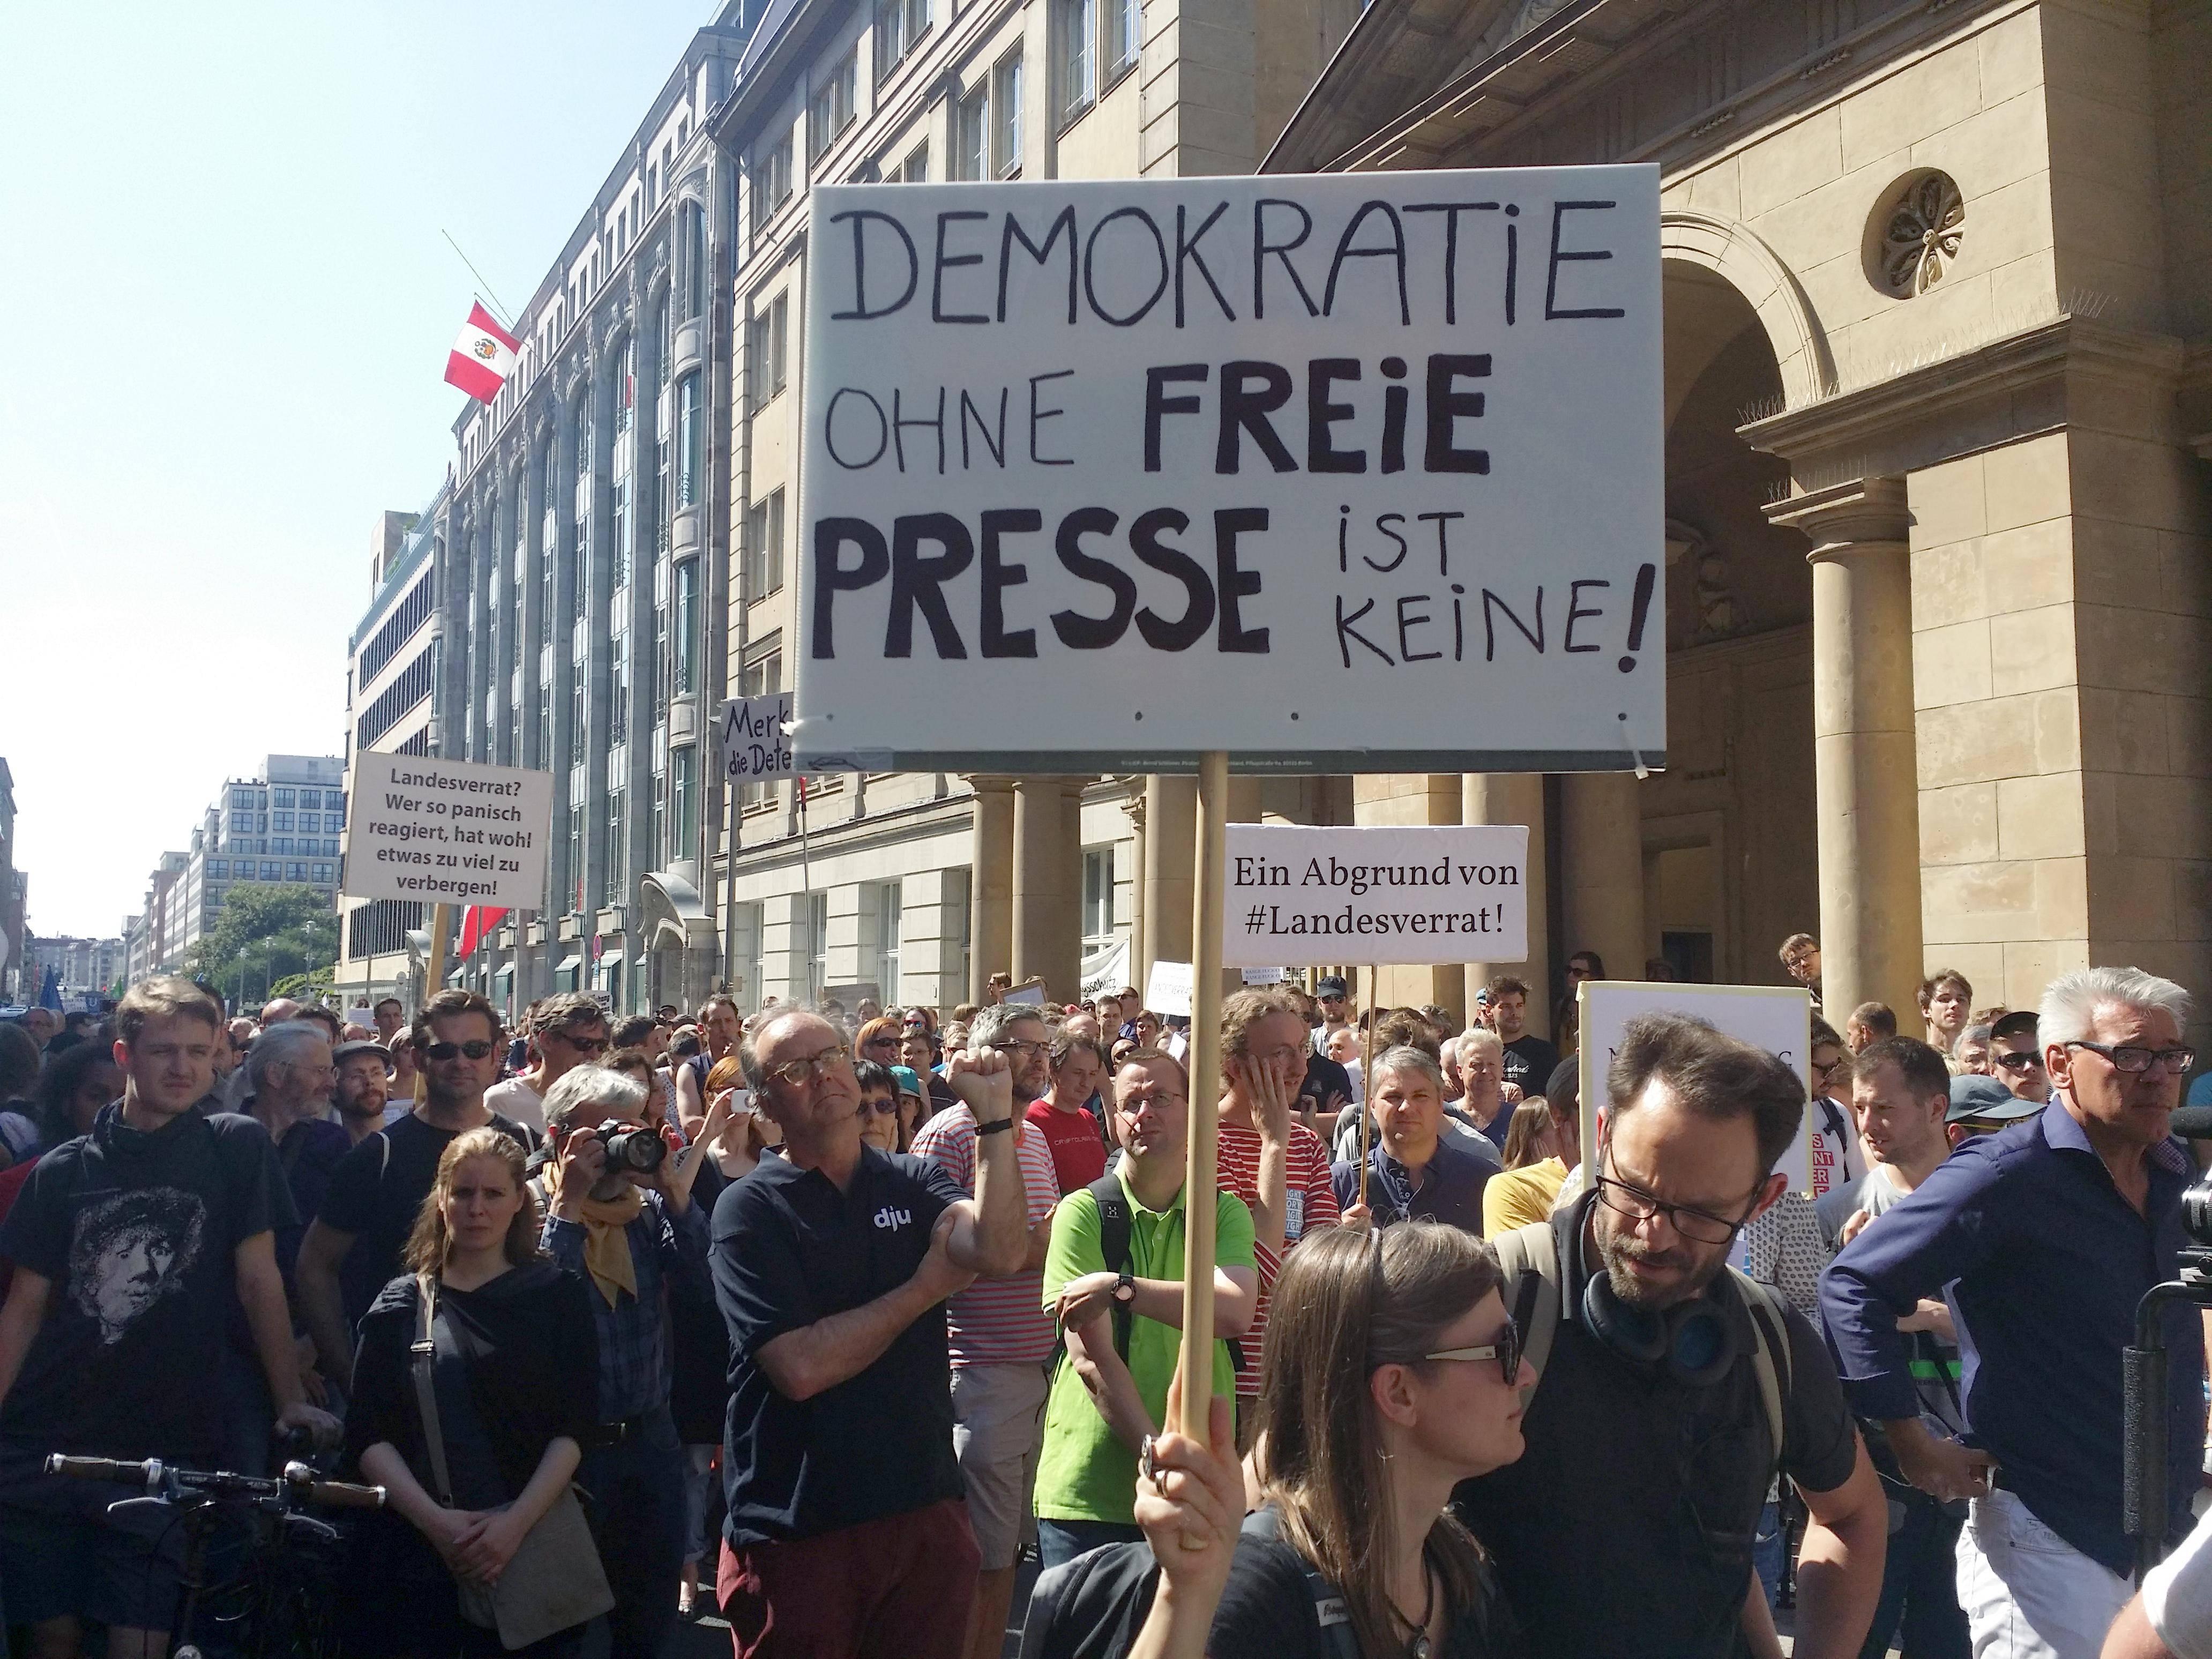 Demo für Grundrechte und Pressefreiheit 01